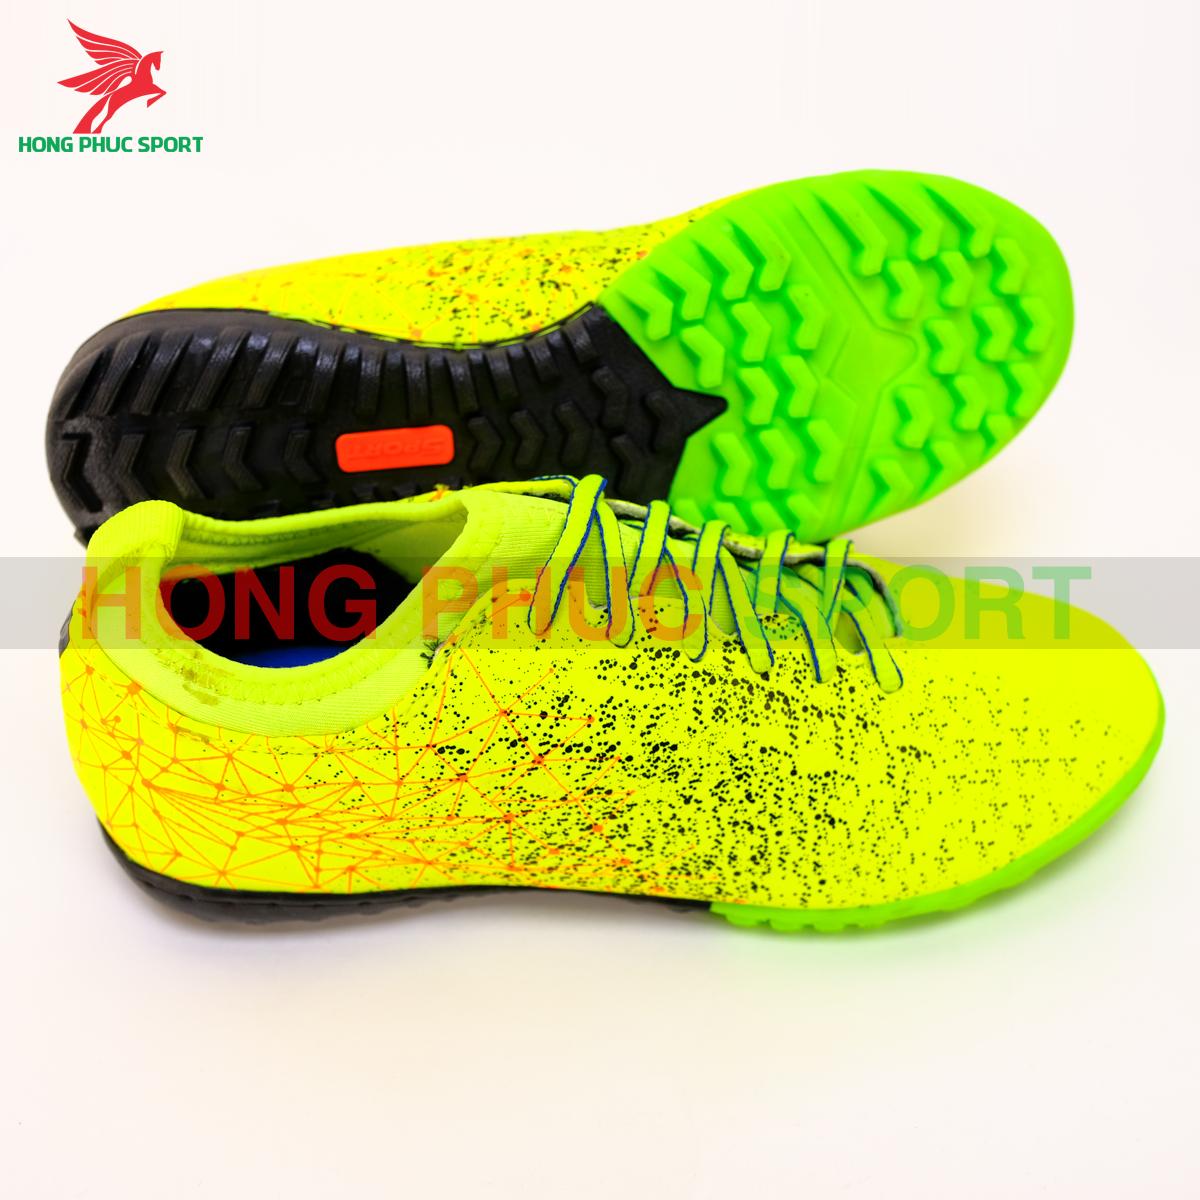 Giày đá banh Hồng Phúc Sport Premium 21.2màu Xanh chuối